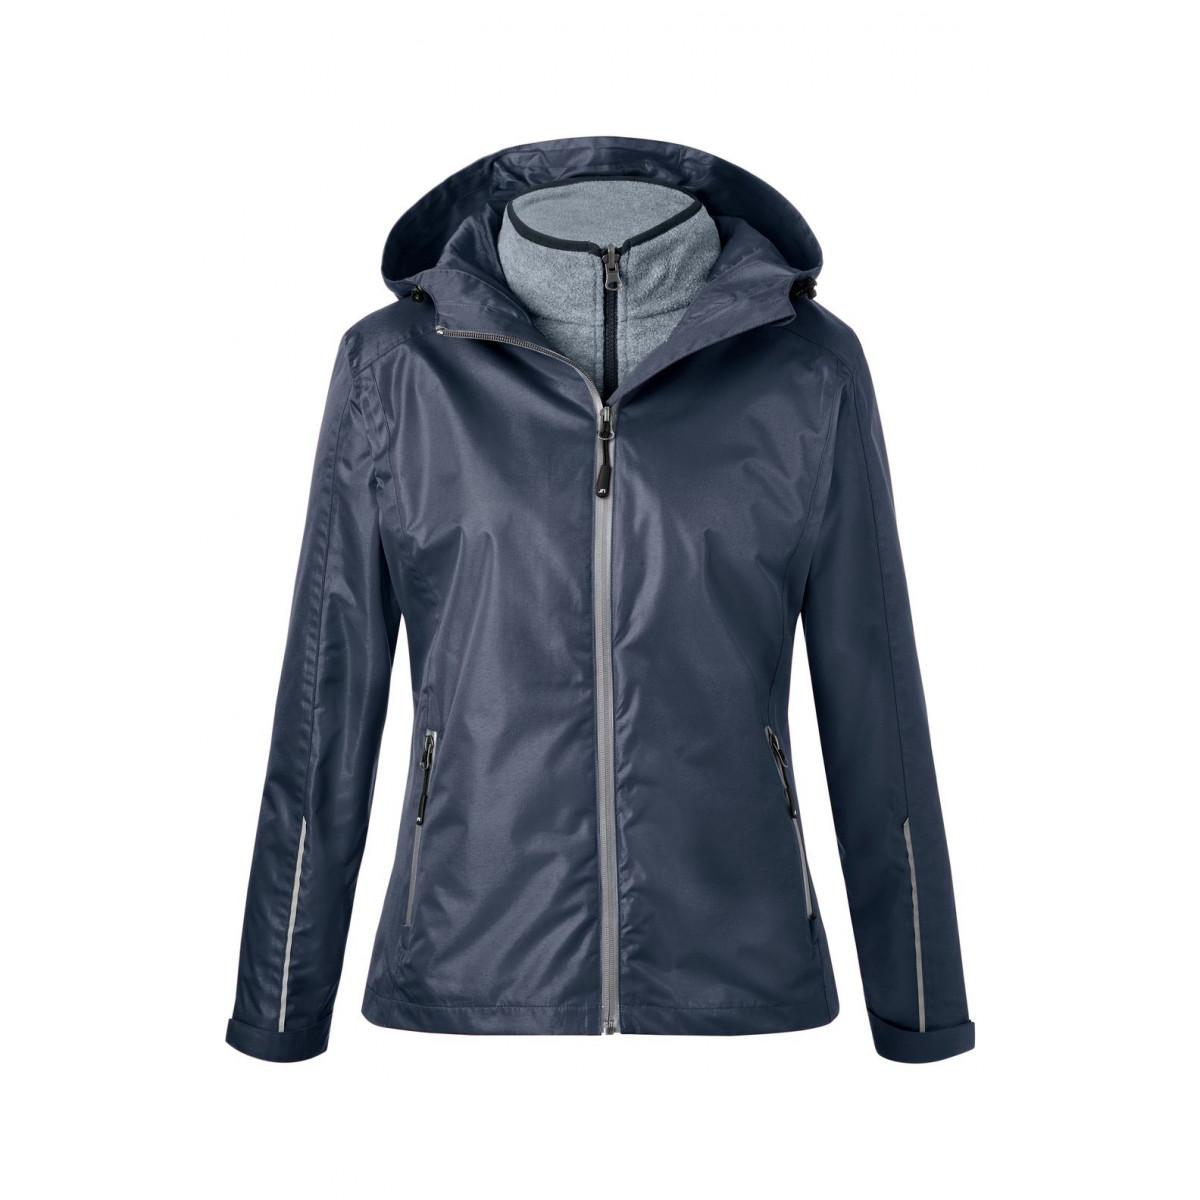 Куртка женская JN1153 Ladies 3-in-1-Jacket - Темно-синий/Серебряный